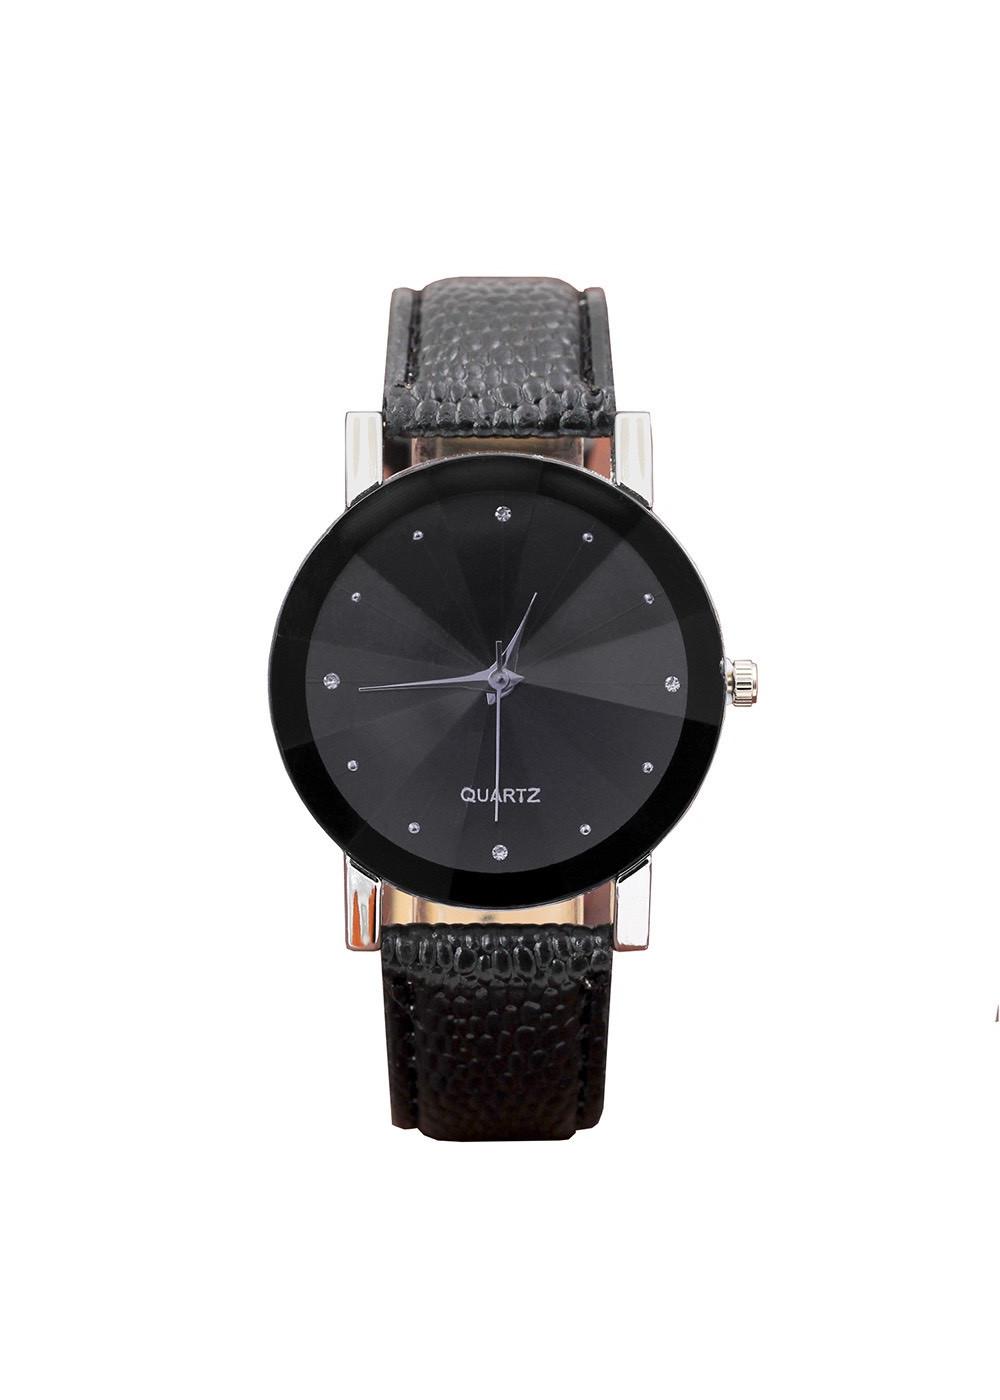 Đồng hồ thời trang nam nữ đeo tay đa giác dây da độc đáo cực đẹp DH96